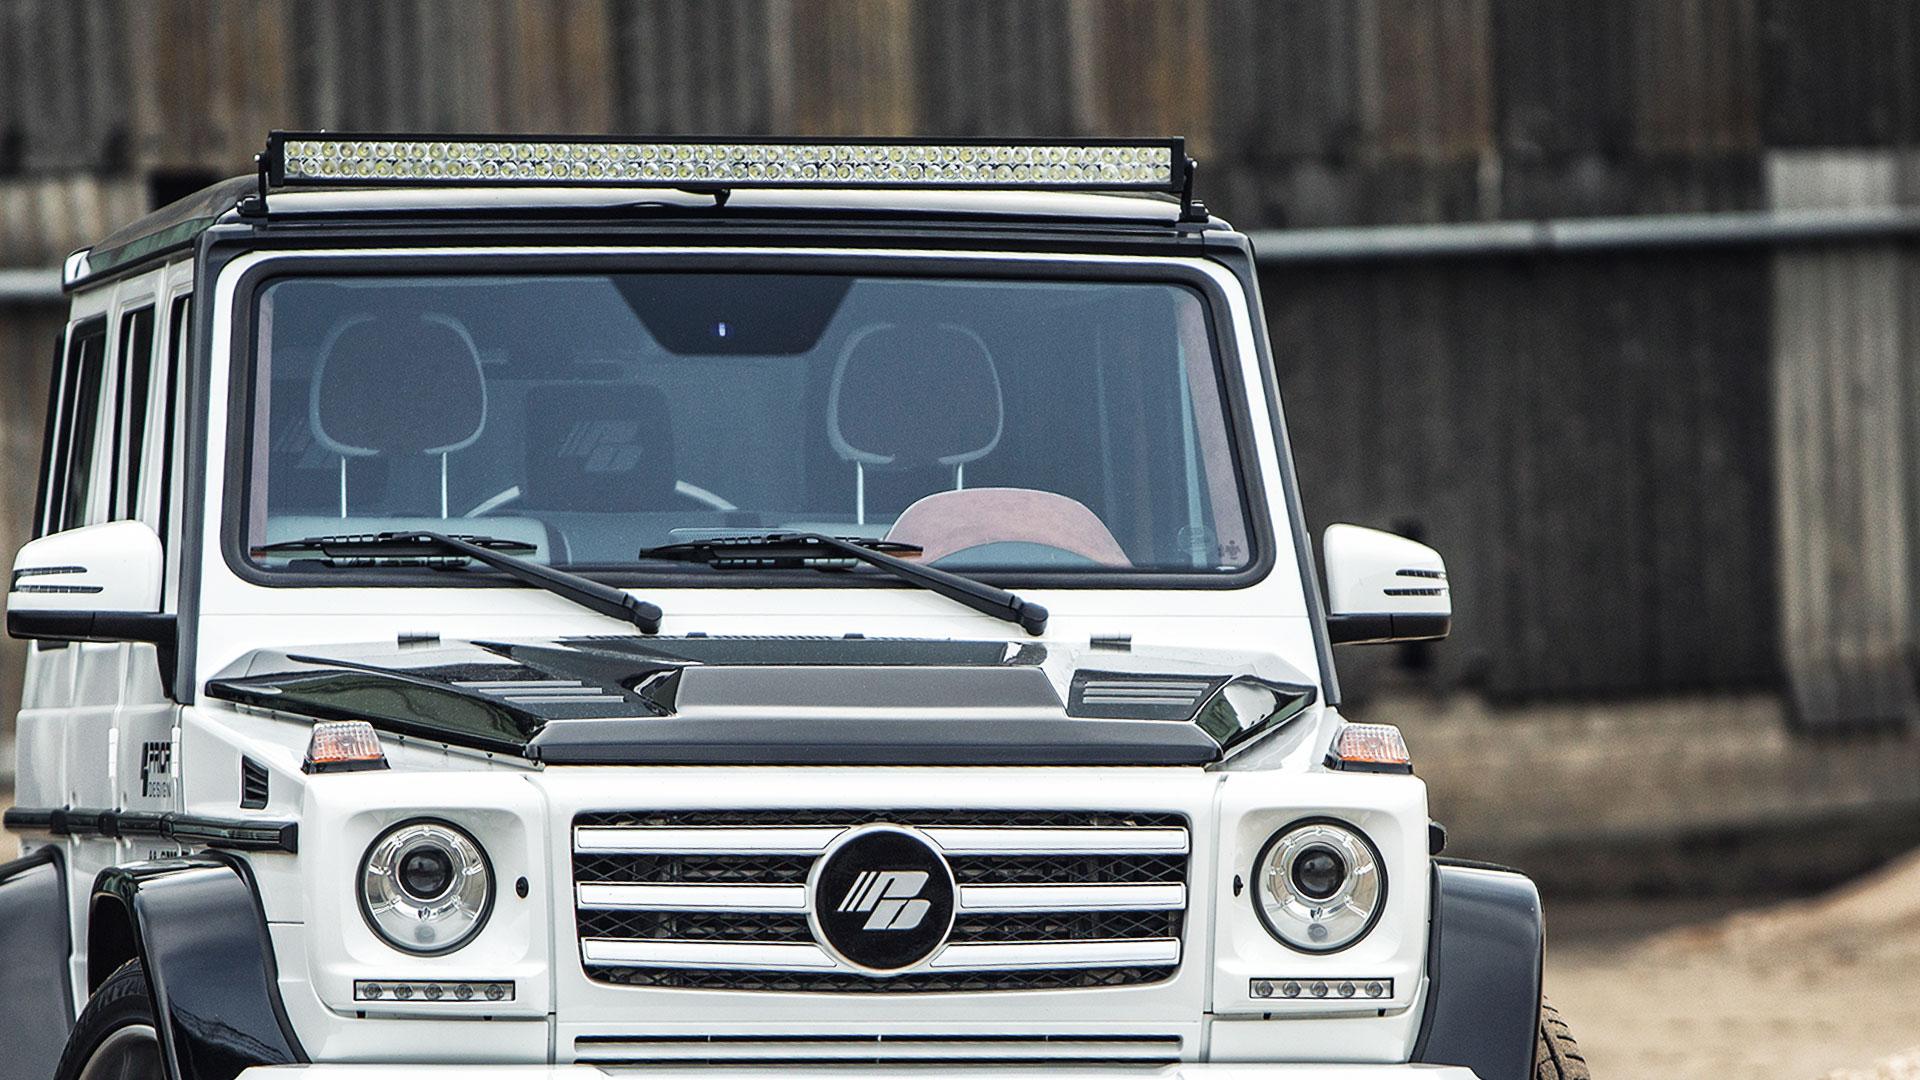 P650D Bonnet suitable for Mercedes G-Class W463